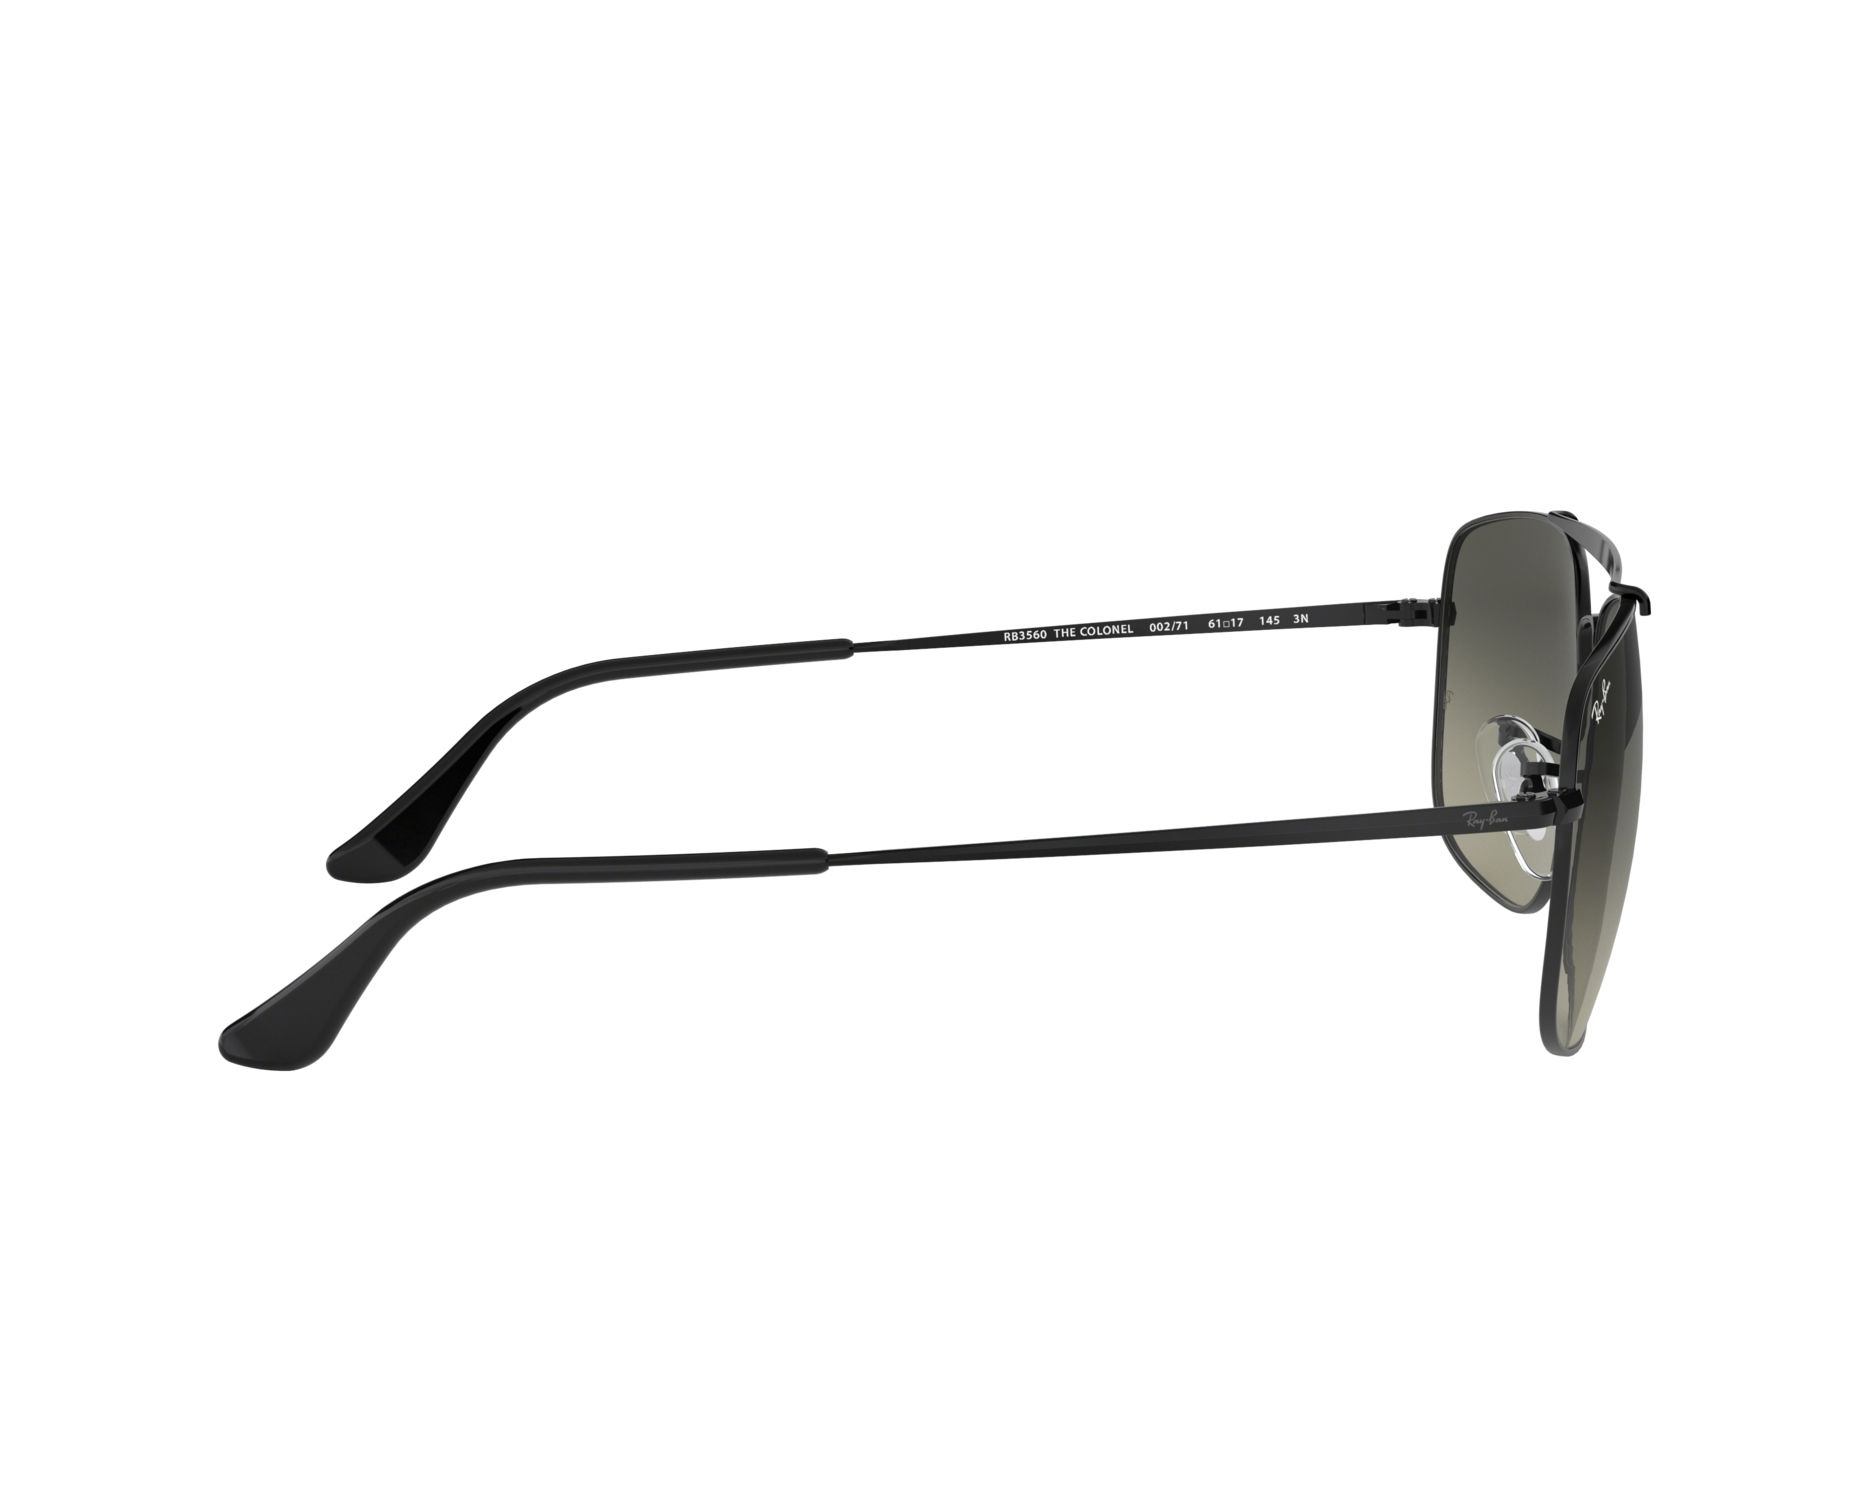 f54b887302 Sunglasses Ray-Ban RB-3560 002 71 58-17 Black 360 degree